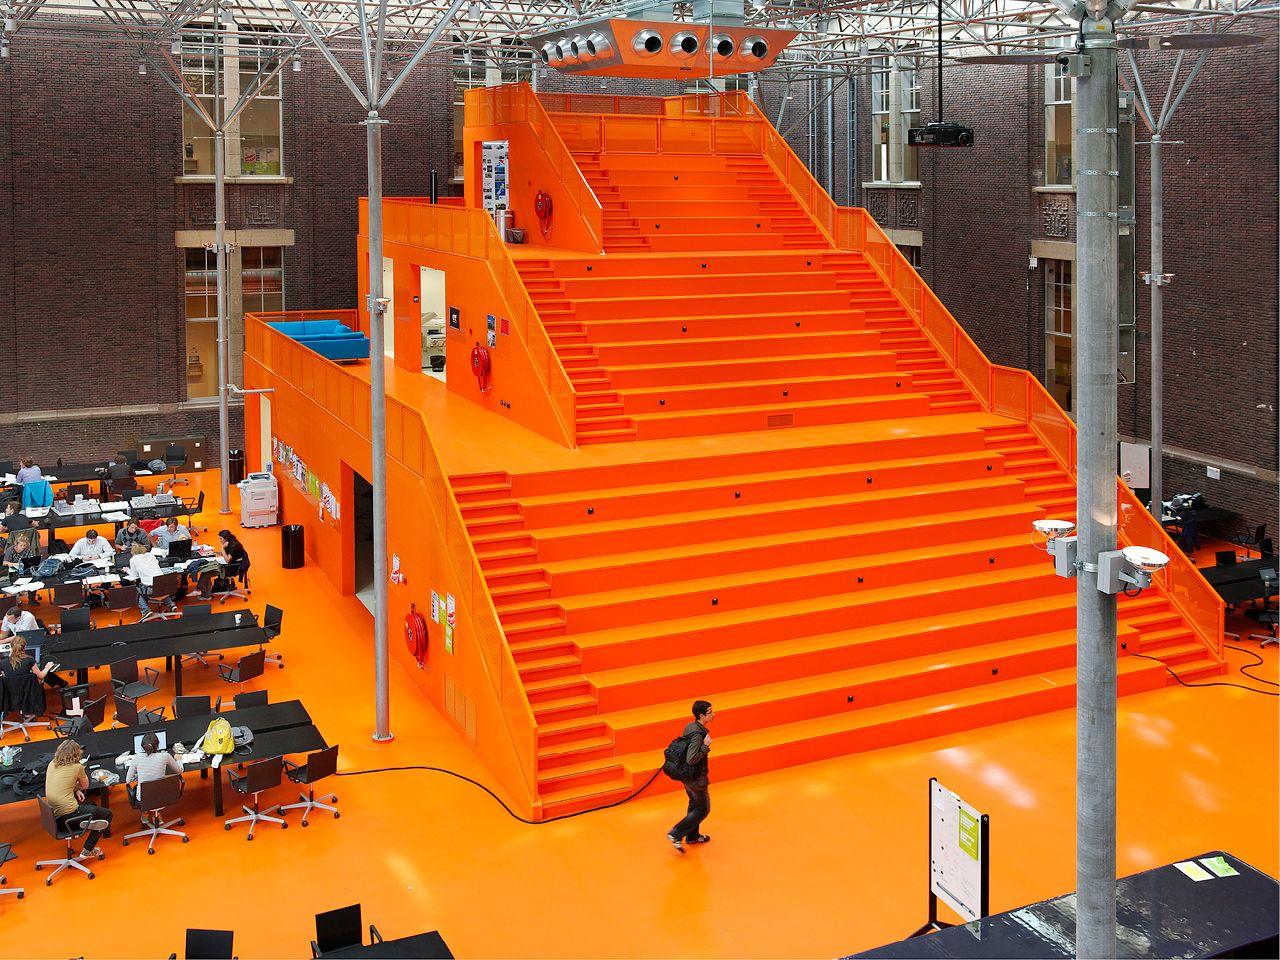 MVRDV: The Why Factory (T?F), TU Delf, Delft,